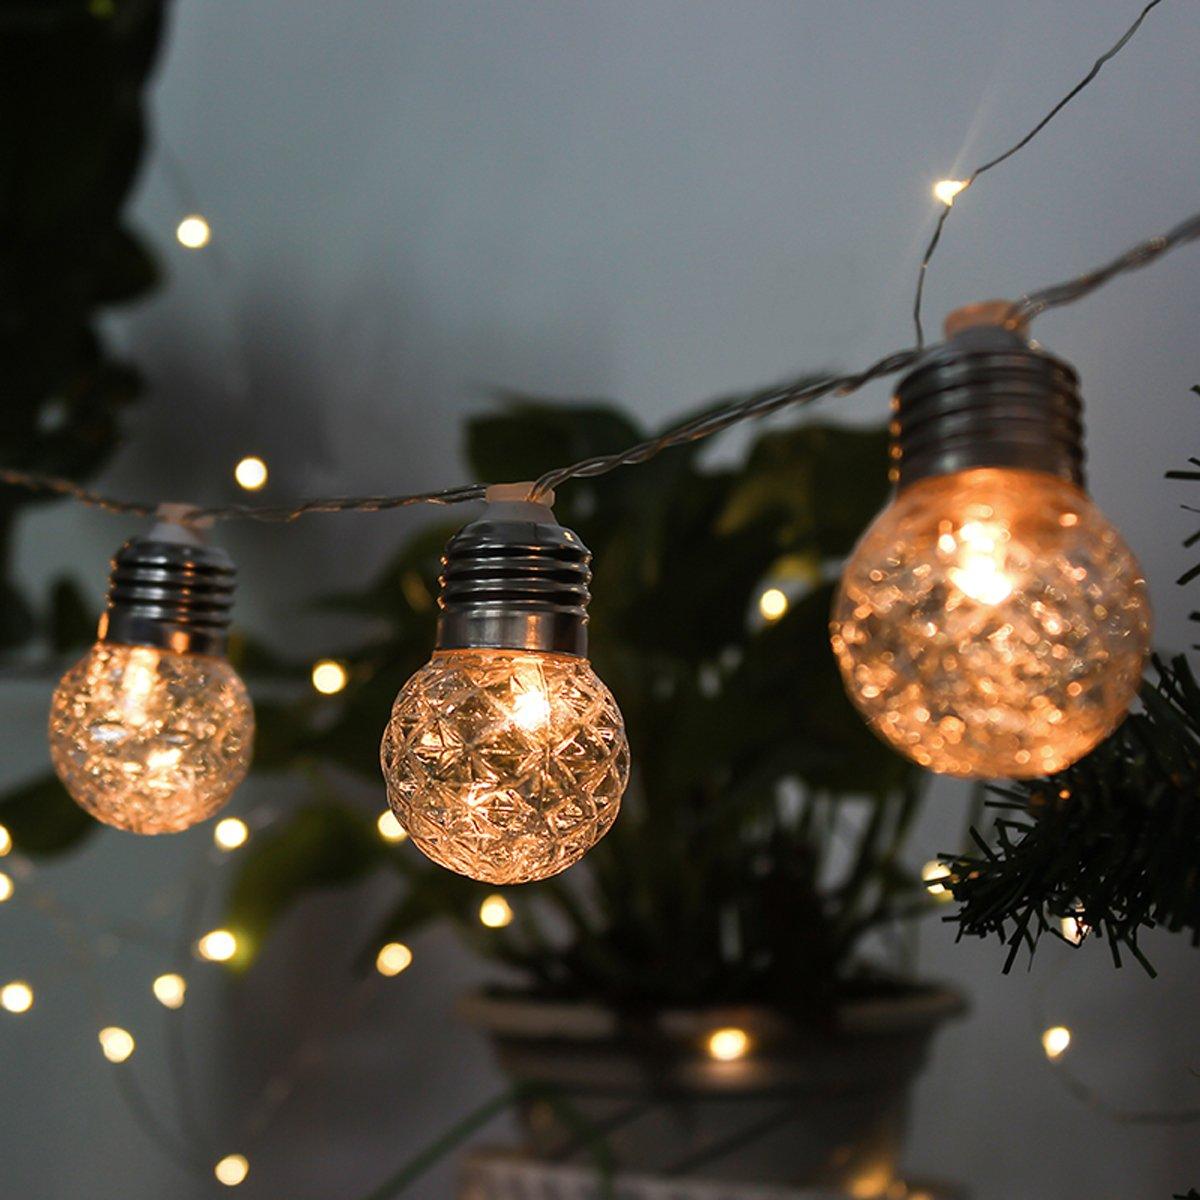 Fiestas Jard/ín Guirnaldas luminosas de exterior,SUAVER Impermeables 10LED Solar Luces de Hadas LED luz de Bola,Luces decorativas Luces de cadena para /Árbol de Navidad Bodas Blanco c/álido Terraza